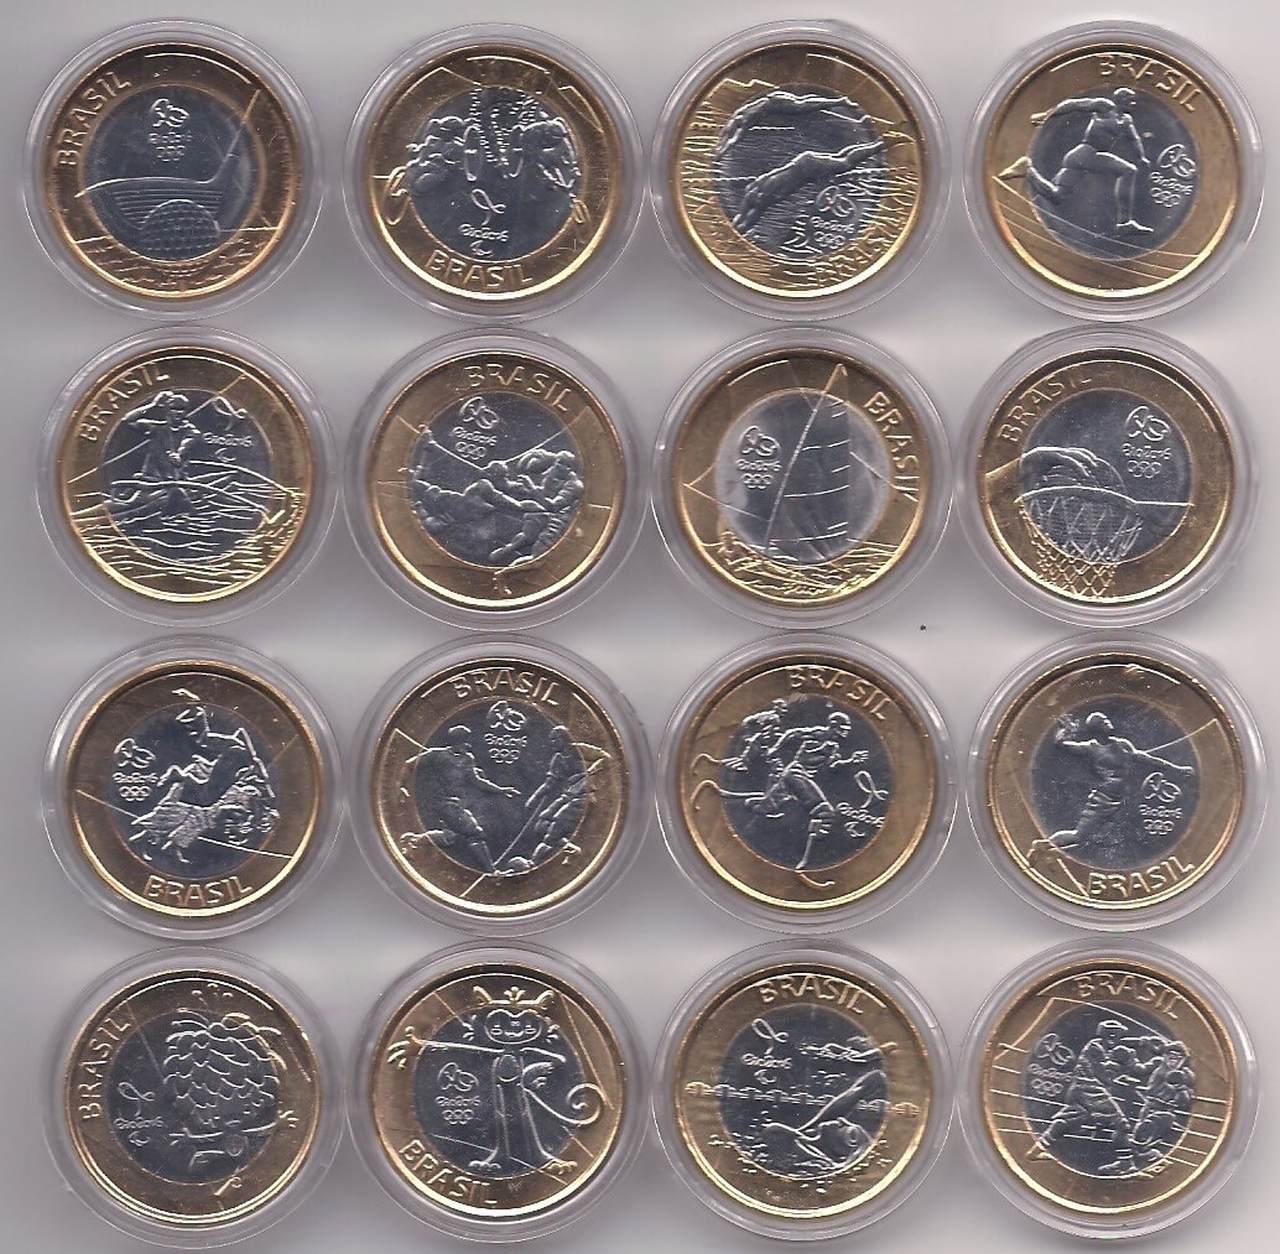 Série Moedas das Olimpíadas - 16 Moedas c/ Cápsulas